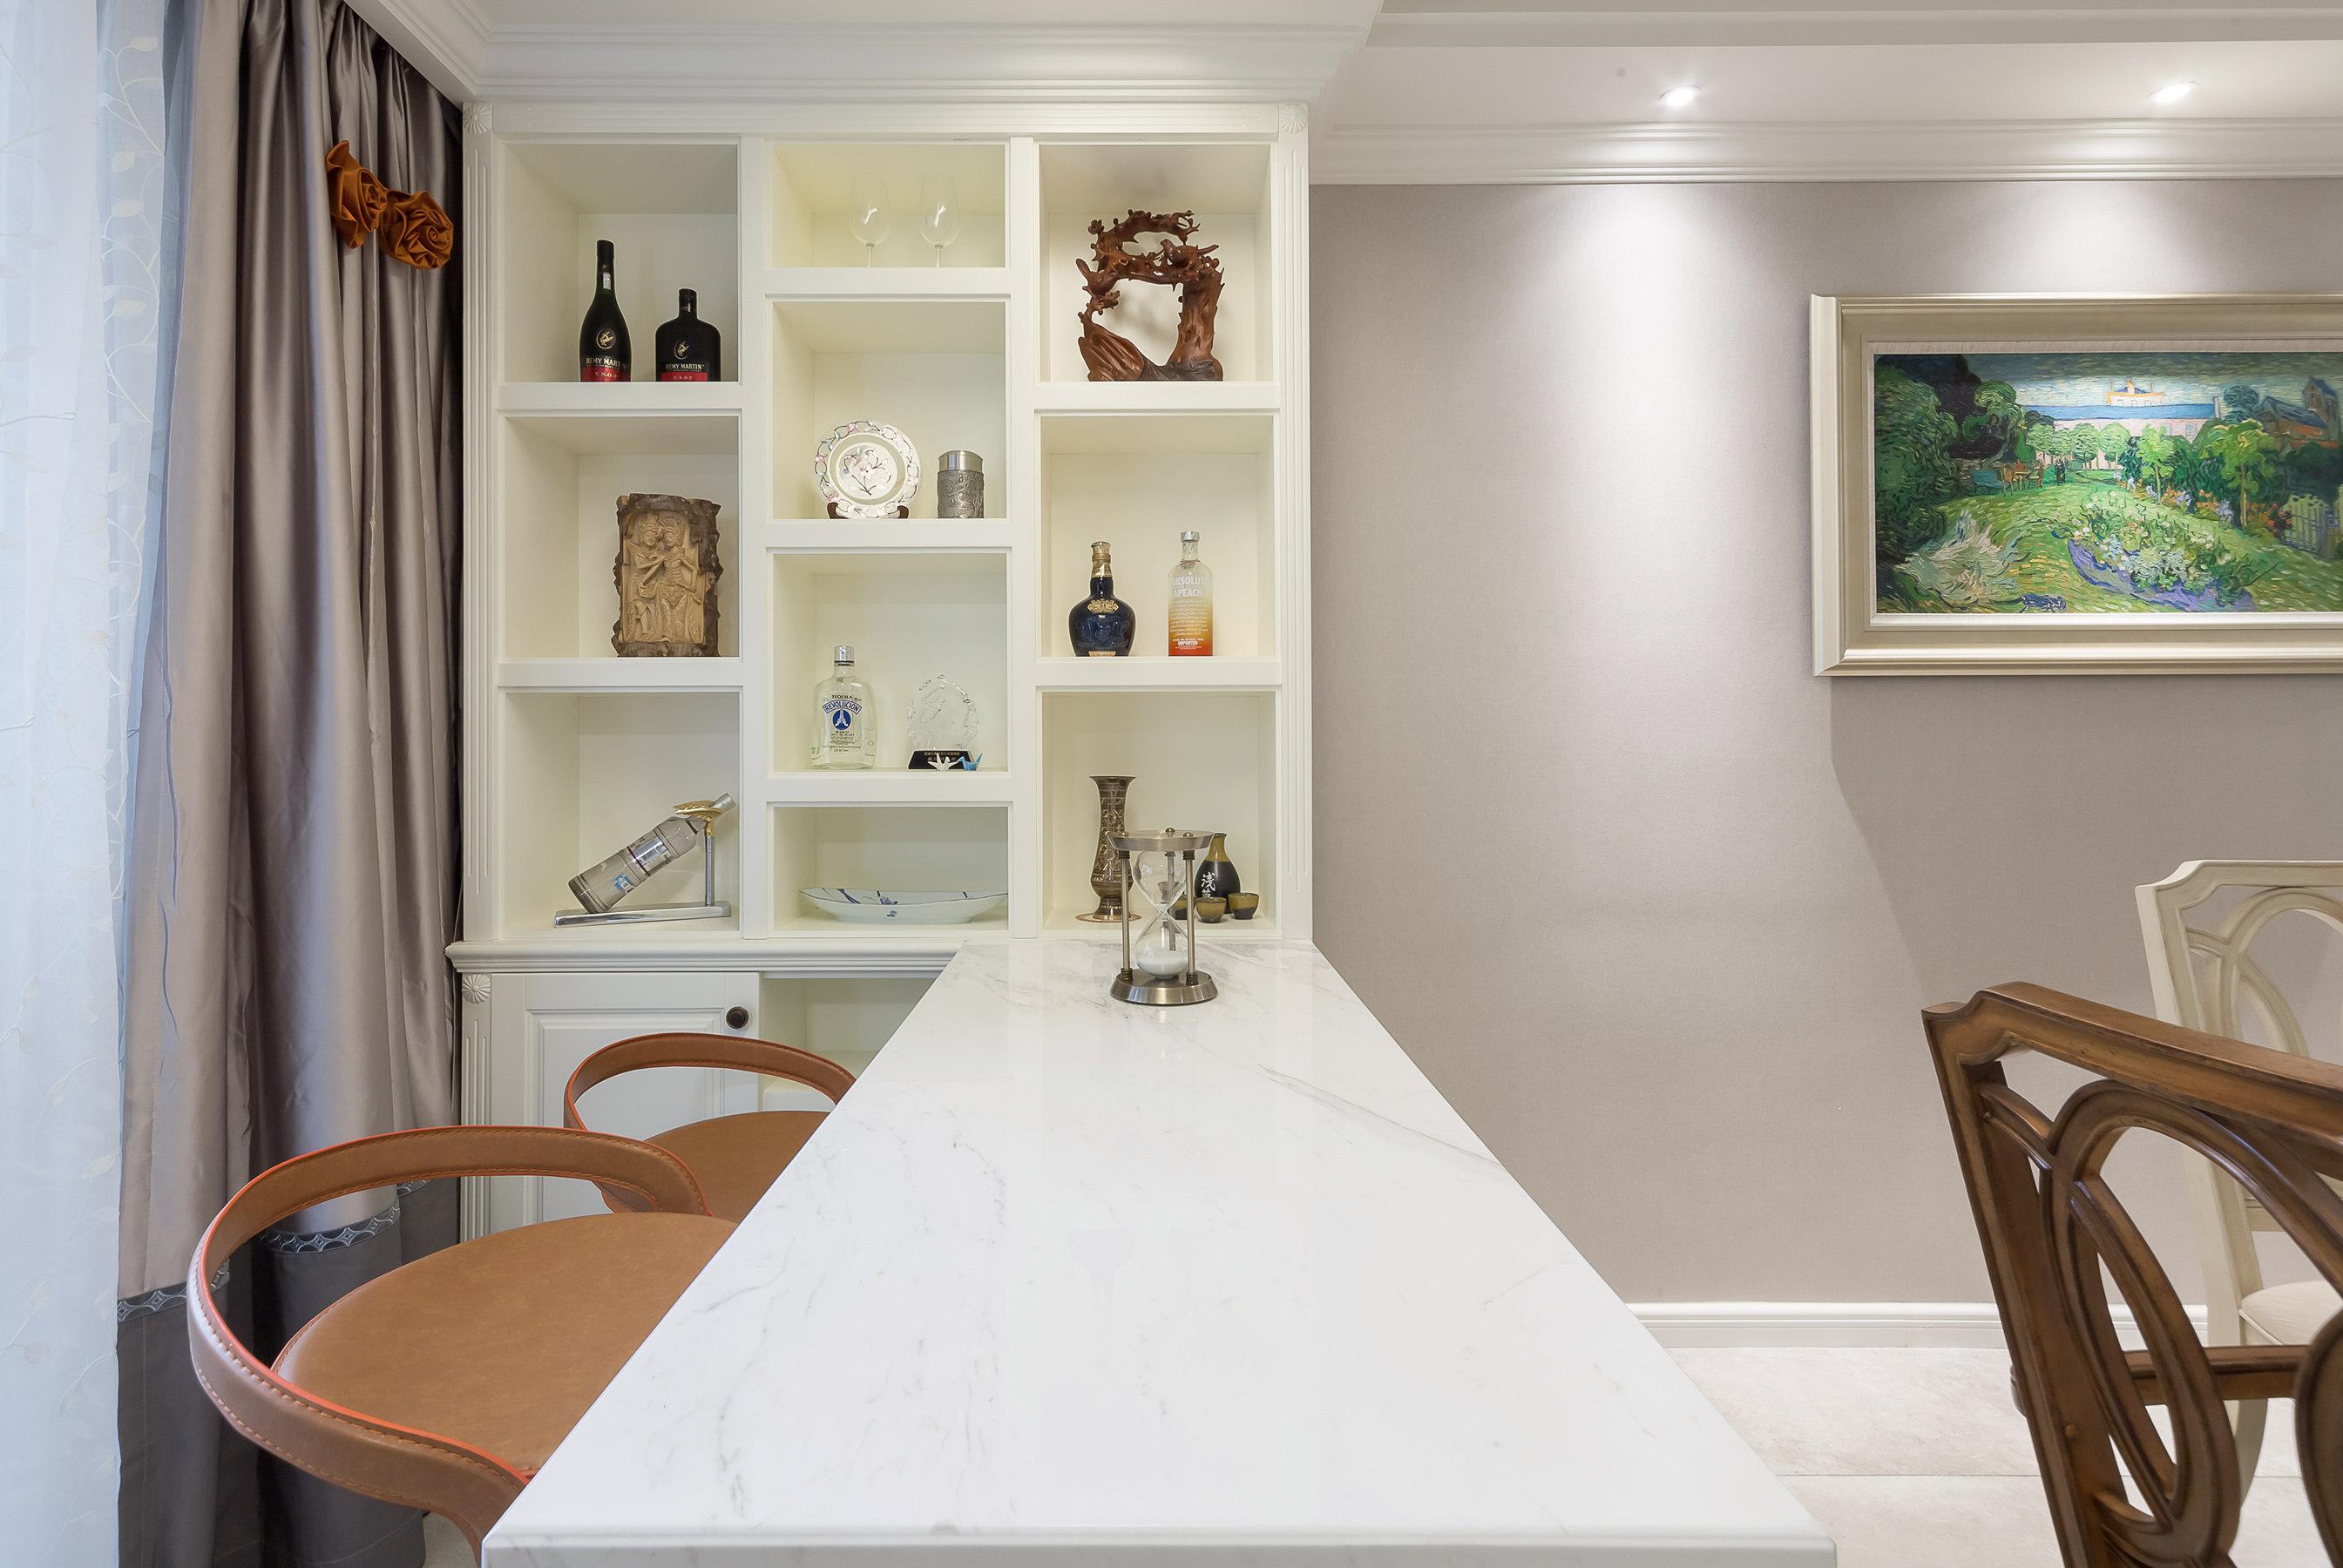 简约 欧式 现代美式、 餐厅图片来自游小华在简美《香橙》的分享